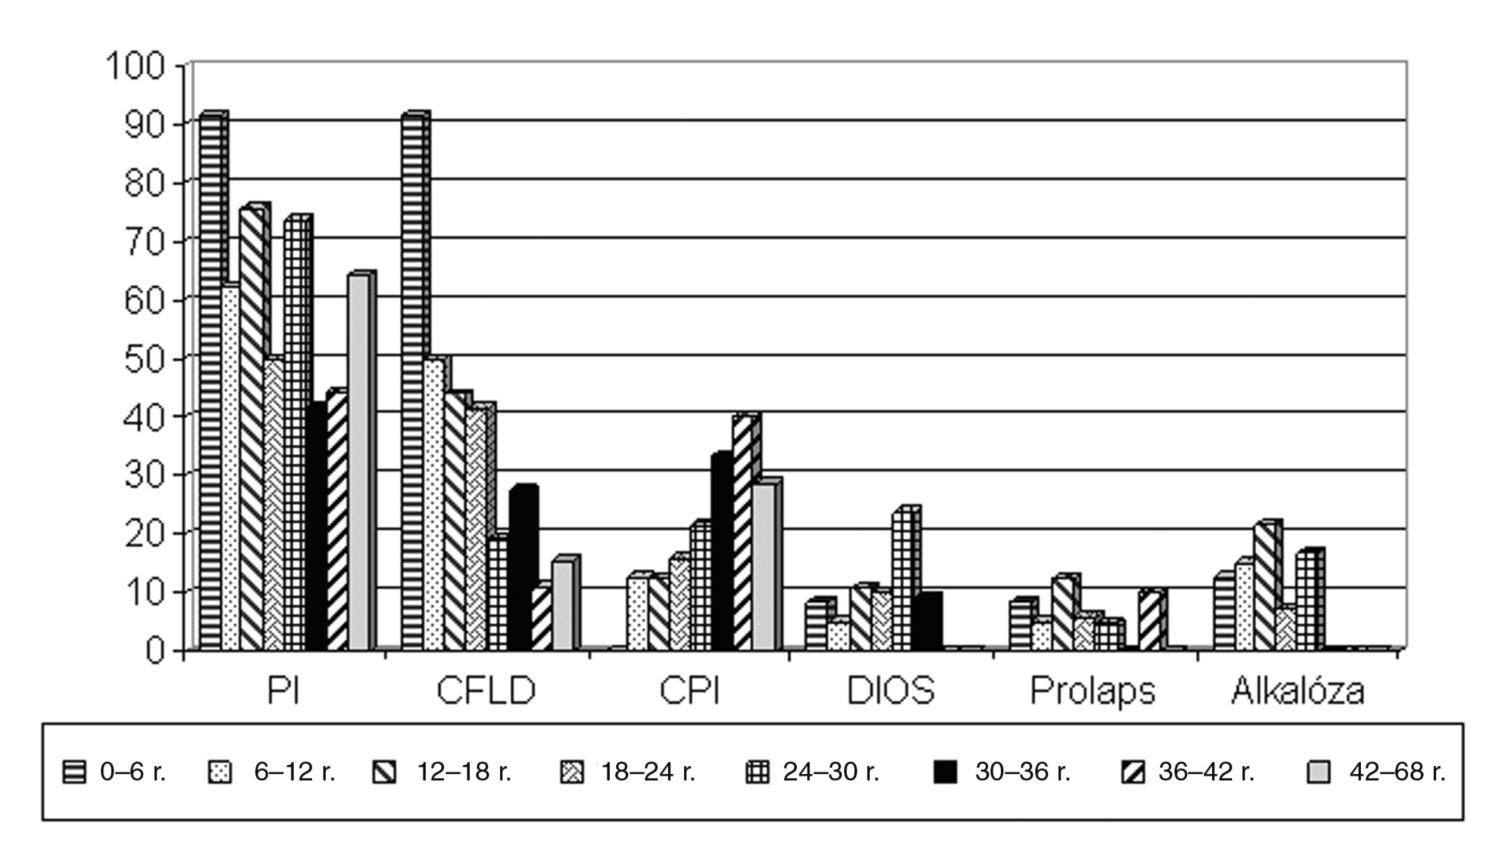 Gastrointestinálne prejavy u CF pacientov. 77,3 % pacientov má postihnutý pankreas, z toho 65,9 % má pankreatickú insuficienciu (klinické prejavy aj zníženie pankreatickej elastázy pod 200 μg/g), 11,4 % pacientov má prejavy chronickej rekurentnej pankreatitídy (u väčšiny je pankreatická elastáza zvýšená nad 500 μg/g). Pacienti s CPI majú vo svojom genotype častejšie mutácie IV. a V. triedy, alebo mutácie neznáme. Cholestatickú hepatopatiu (zvýšenie alkalickej fosfatázy, abnormálny nález na sonografii) má 48,6 % pacientov, vo veku do 6 rokov viac ako 90 % detí, pod liečbou UDCA výskyt klesá na 50–40 % v adolescencii a 12 % v dospelosti. Najzávažnejšie postihnutie, pečeňovú cirhózu má 6,3 %. Mekóniový ileus malo 7,4 % novorodencov, jeho ekvivalent v staršom veku DIOS má 8 % pacientov. Prolaps rekta uvádza 7,1 % a rozvrat vnútorného prostredia, hypochloremickú alkalózu malo až 12,6 % CF pacientov. Skratky: CPI – chronická pankreatitída, UDCA – ursodeoxycholová kyselina, DIOS – distálny intestinálny syndróm, PI – pankreatická insuficiencia, CFLD – CF liver disease (CF hepatopatia)